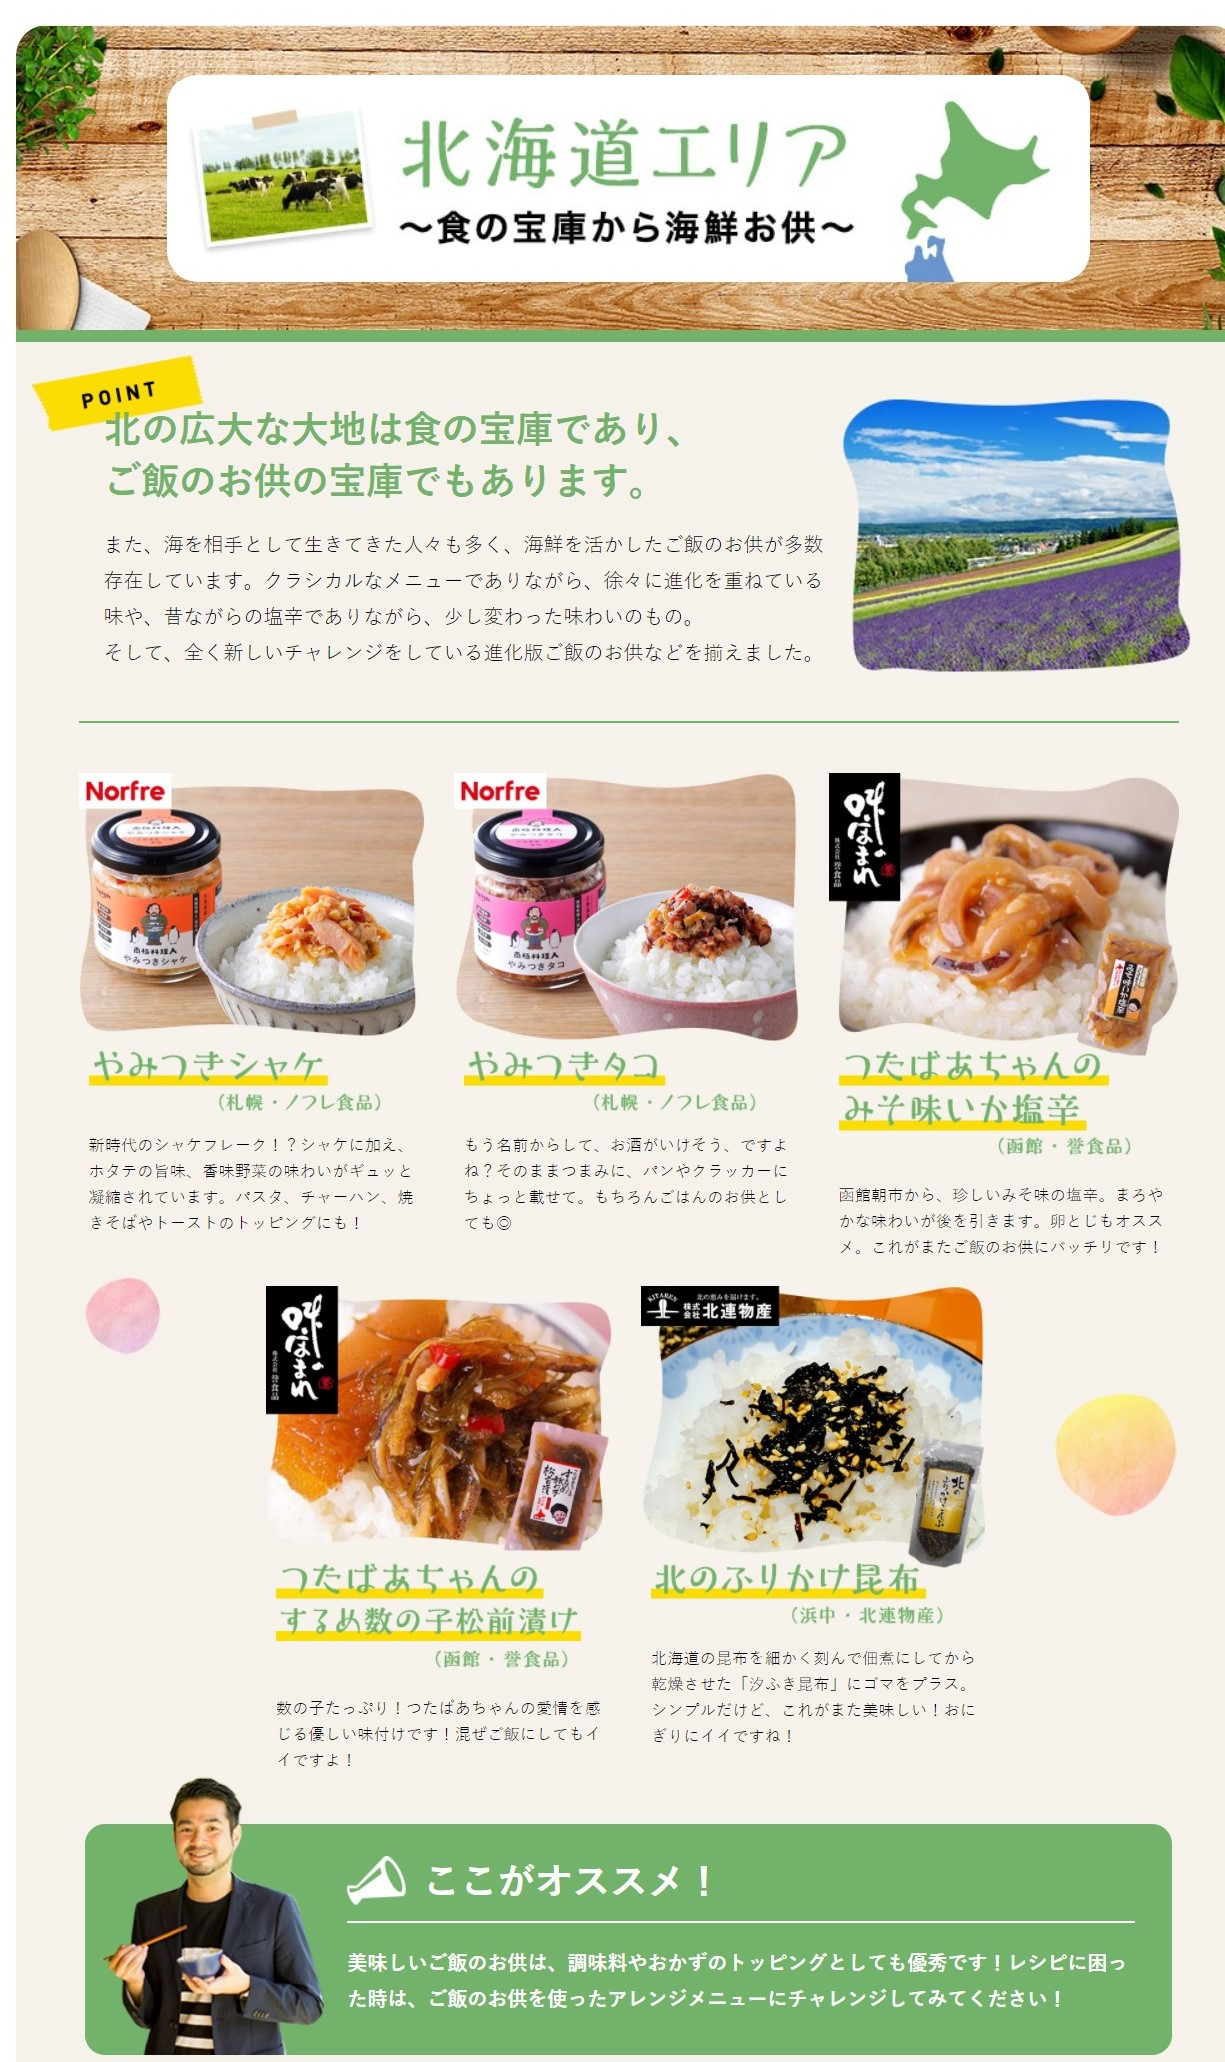 北海道エリアのご飯のお供